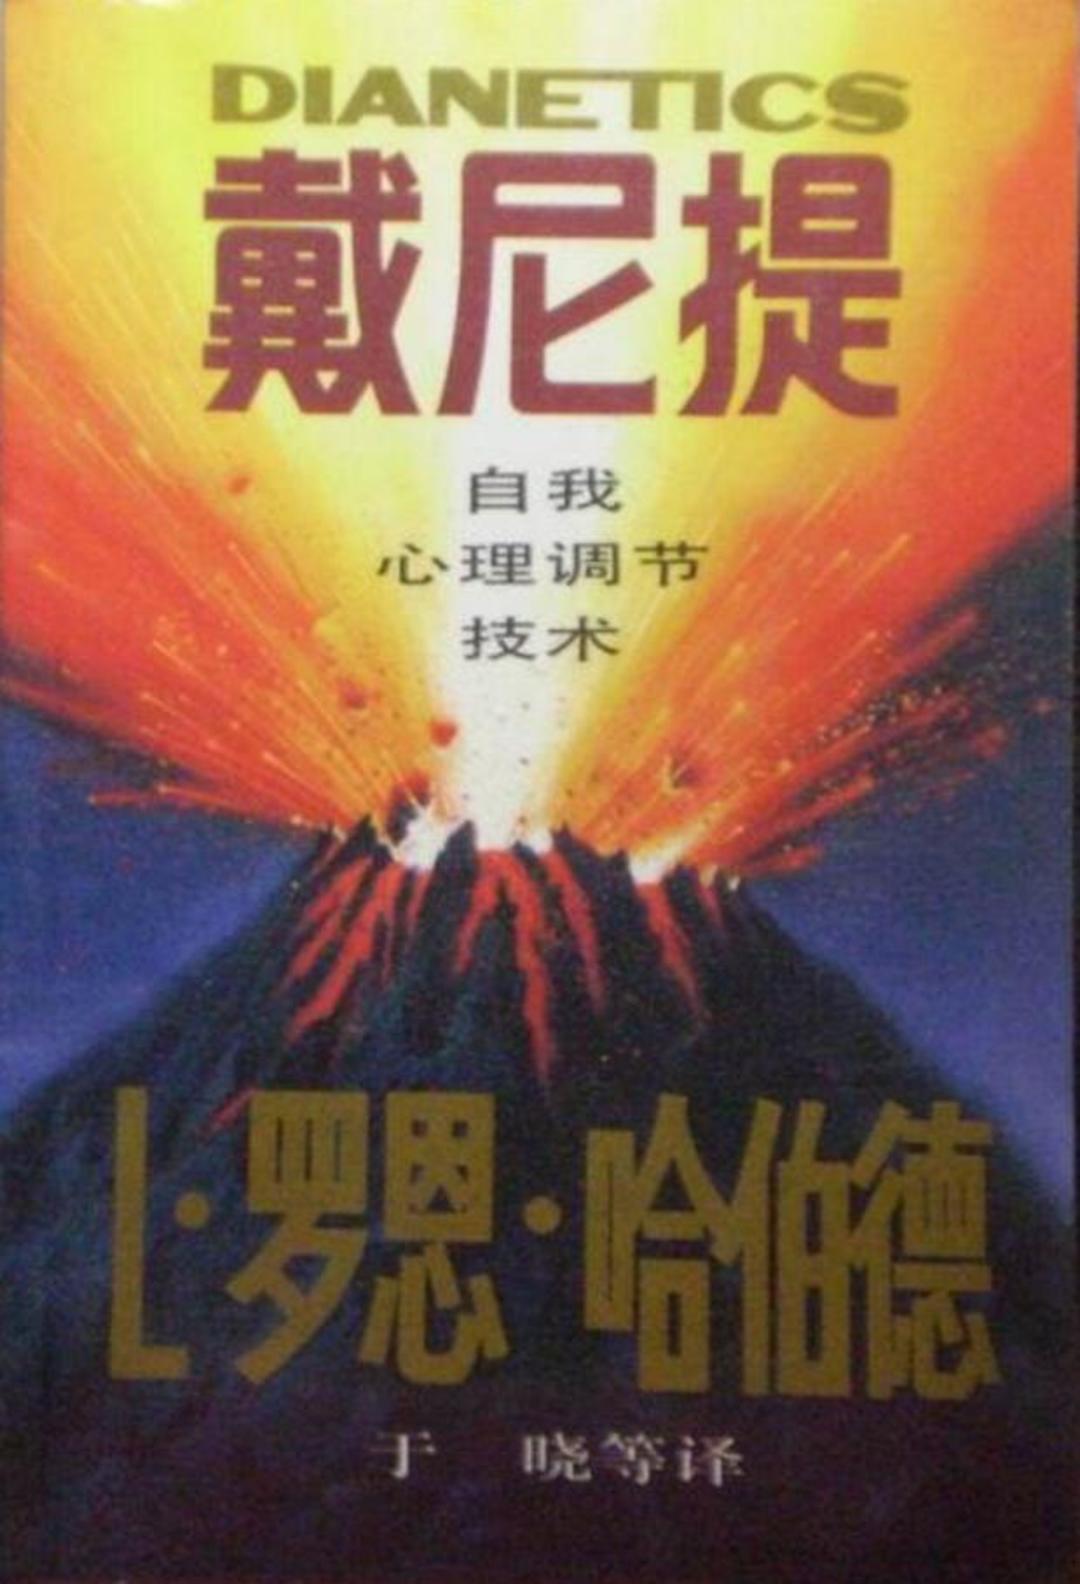 1980 年始,沈昌文和他解放中国人思想的上百本书 | 畅销书让我们看到了什么样的中国⑤_文化_好奇心日报